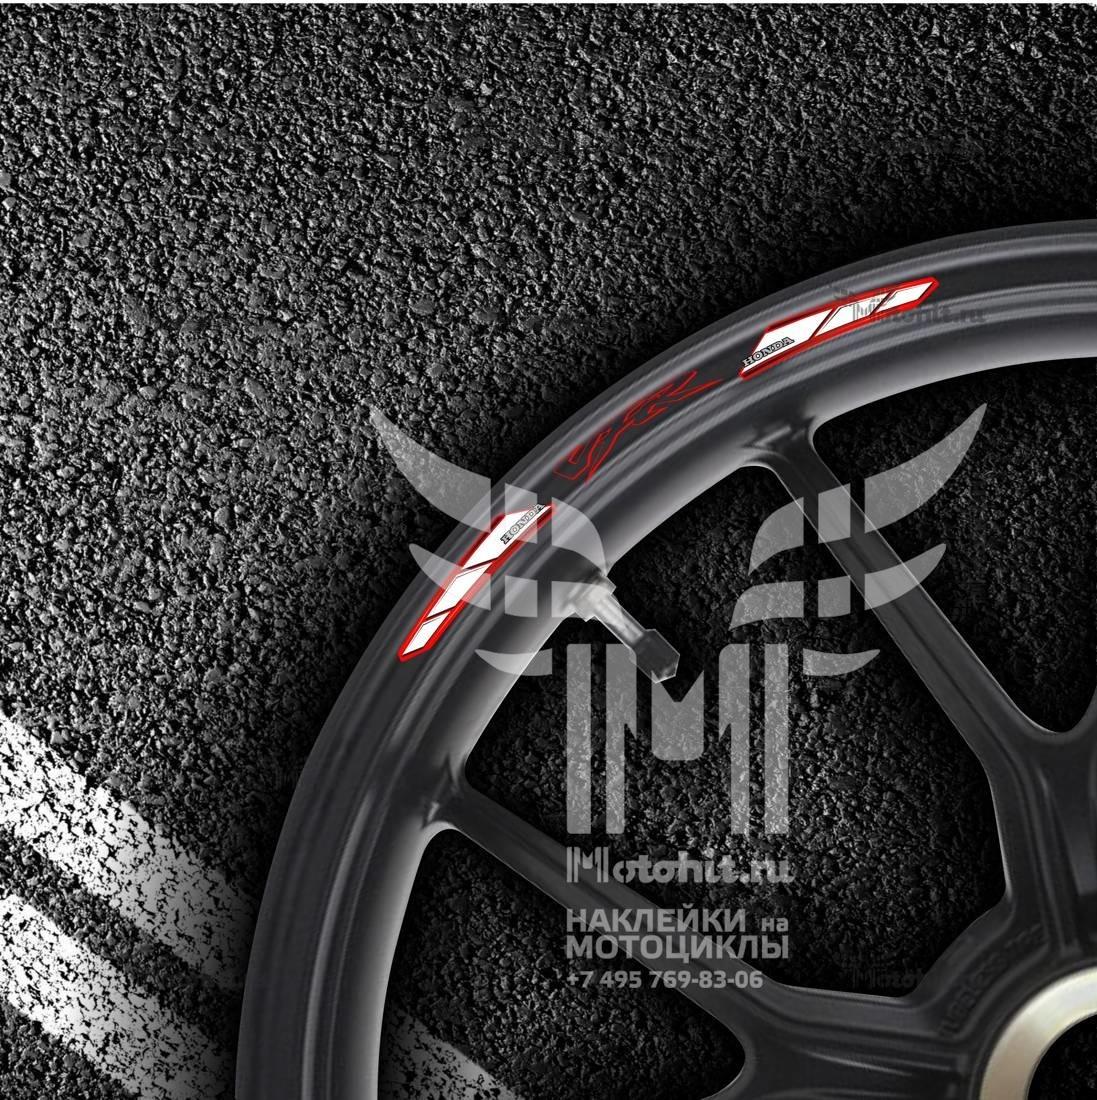 Комплект наклеек на обод колеса мотоцикла HONDA МАК